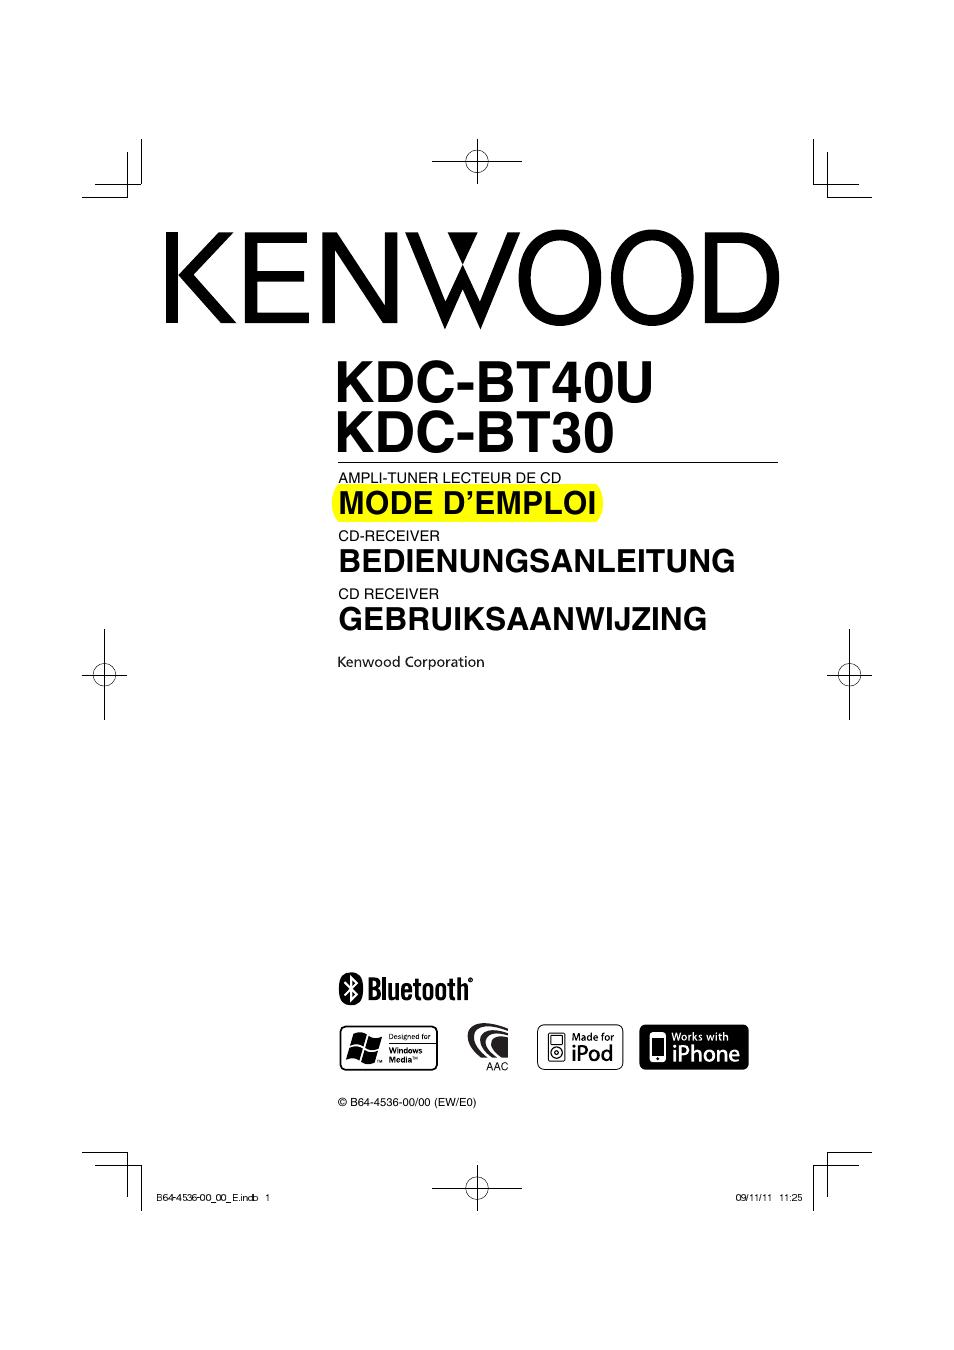 Bedienungsanleitung Kenwood Kdc Bt40u